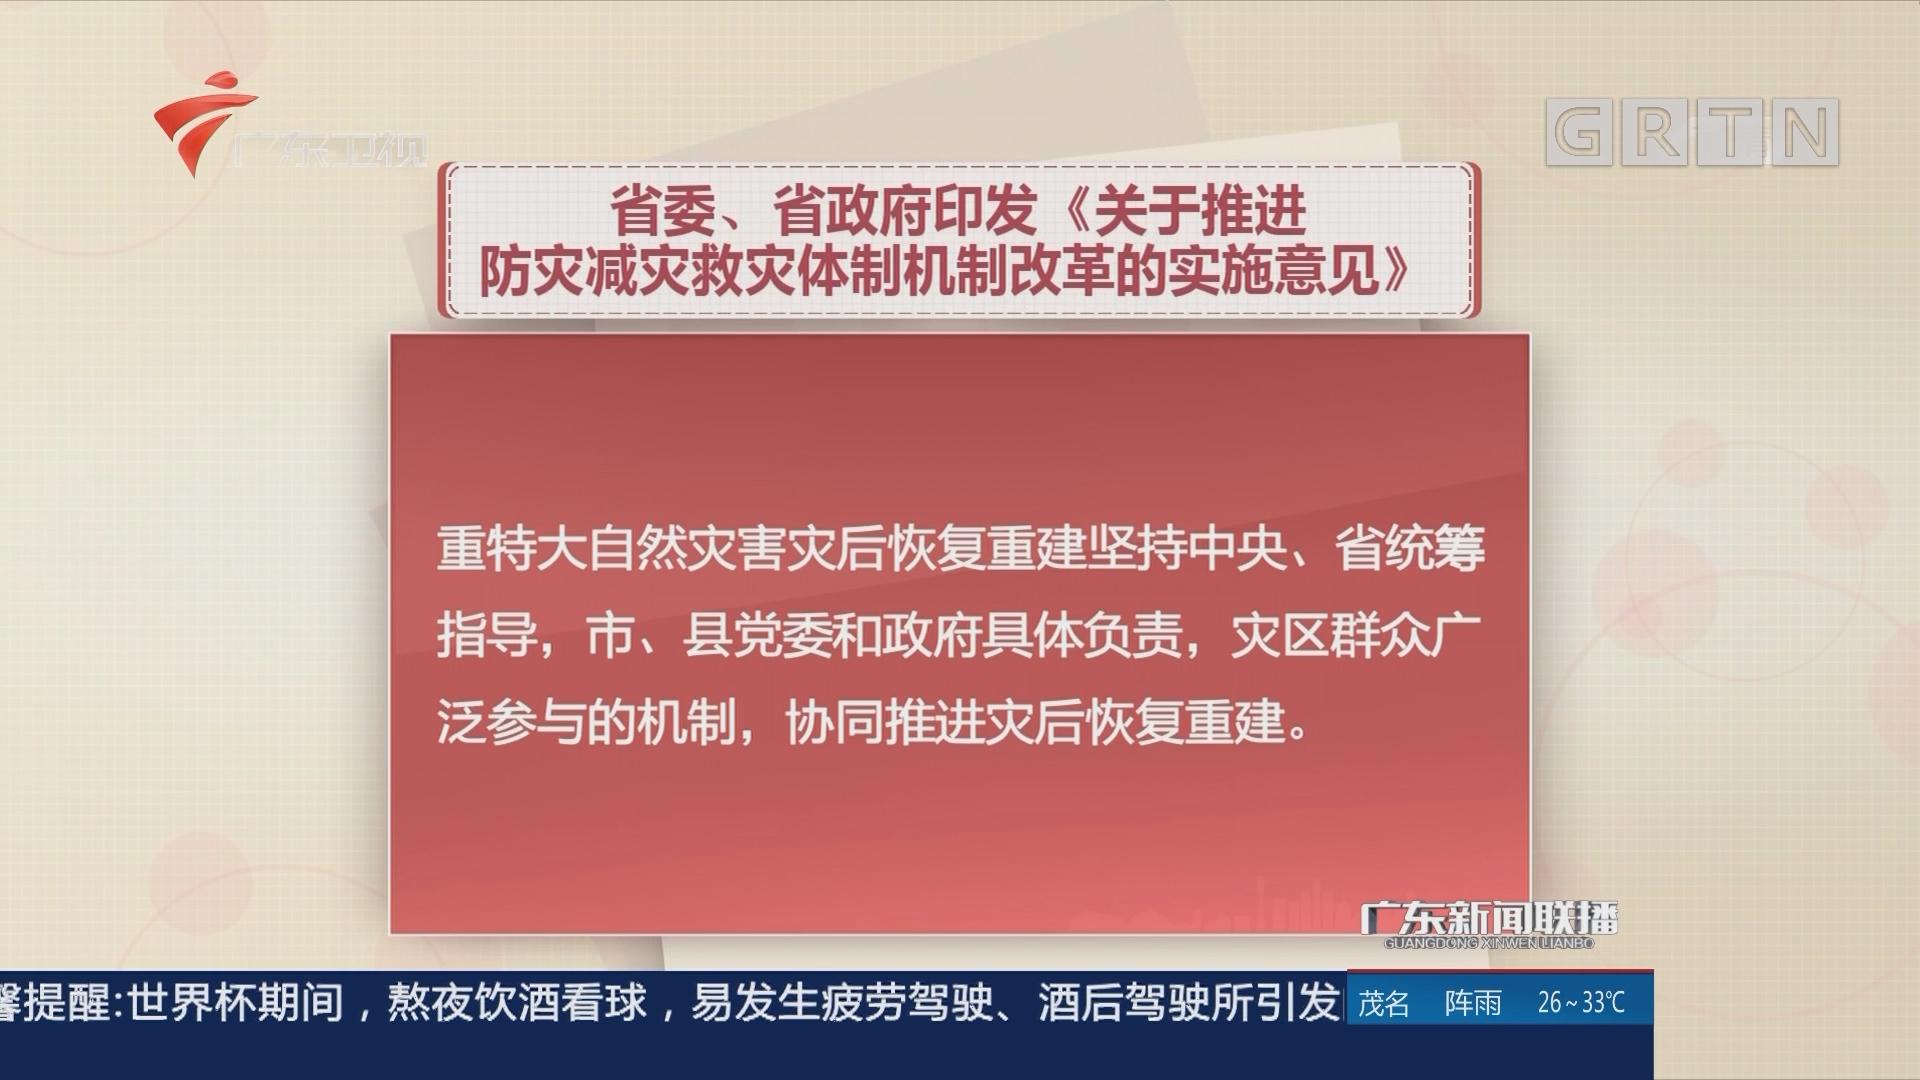 省委、省政府印发《关于推进防灾减灾救灾体制机制改革的实施意见》